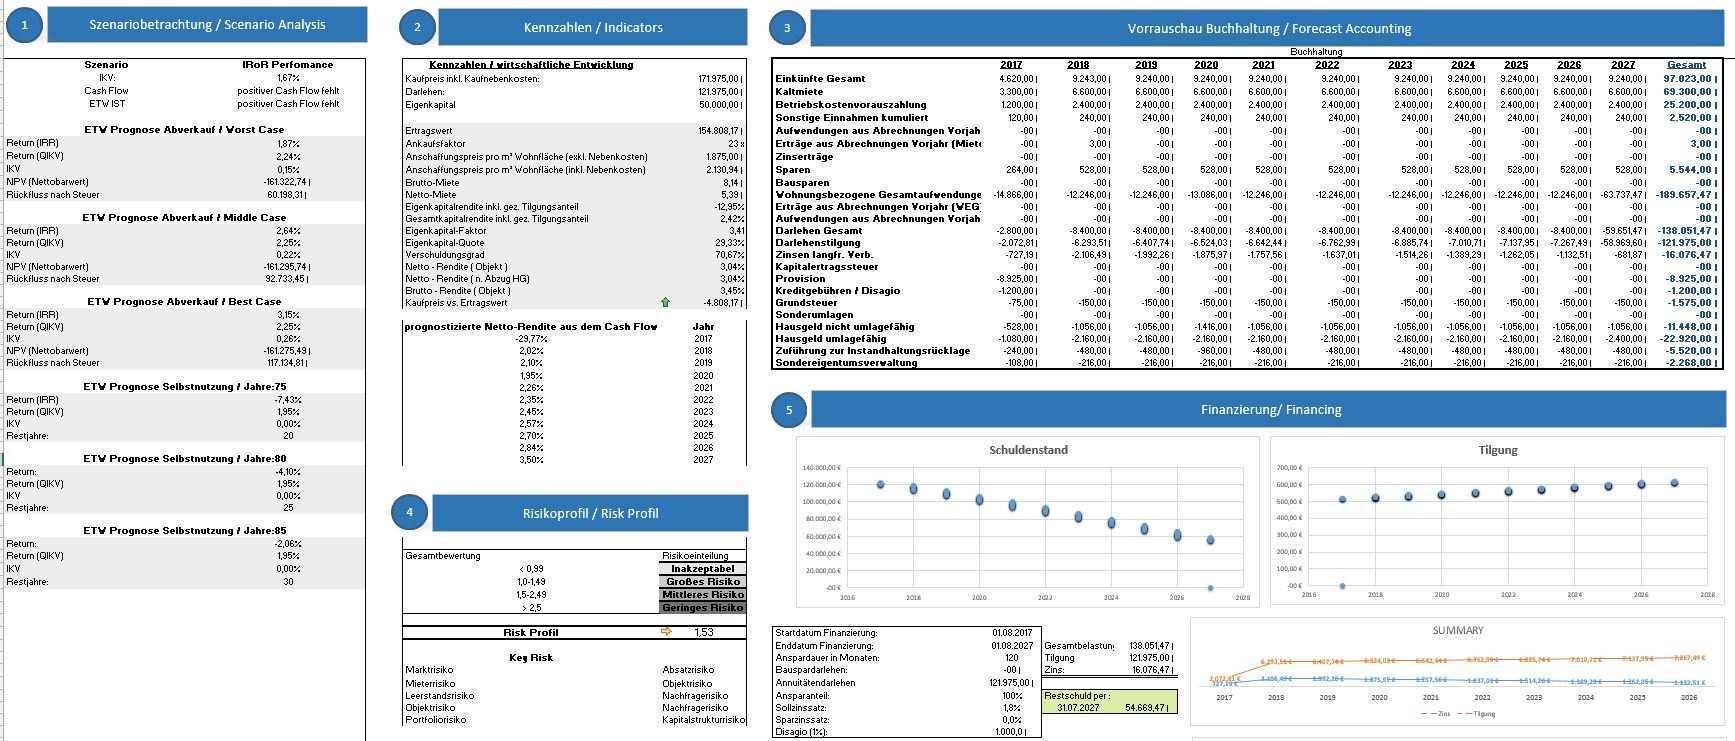 Finance Controlling Model Zur Verwaltung Von Eigentumswohnungen In Excel